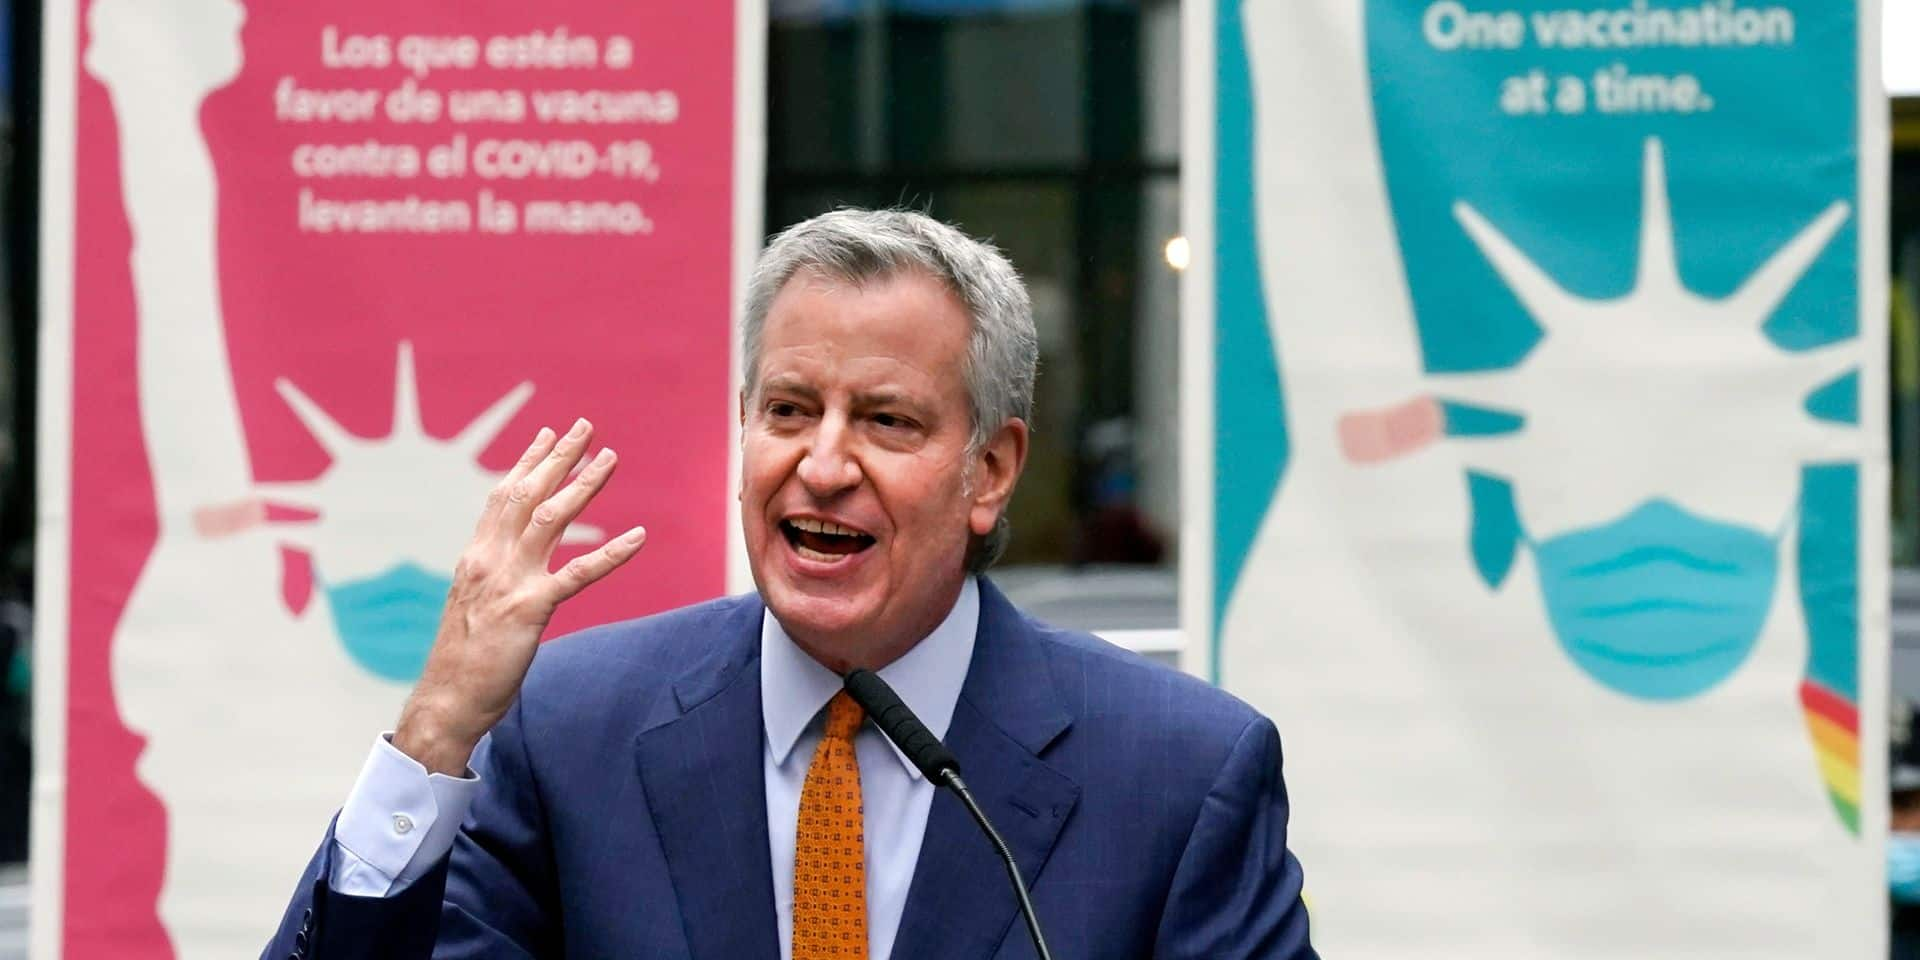 Des frites gratuites après s'être fait vacciner: l'improbable proposition du maire de New York pour inciter à la vaccination